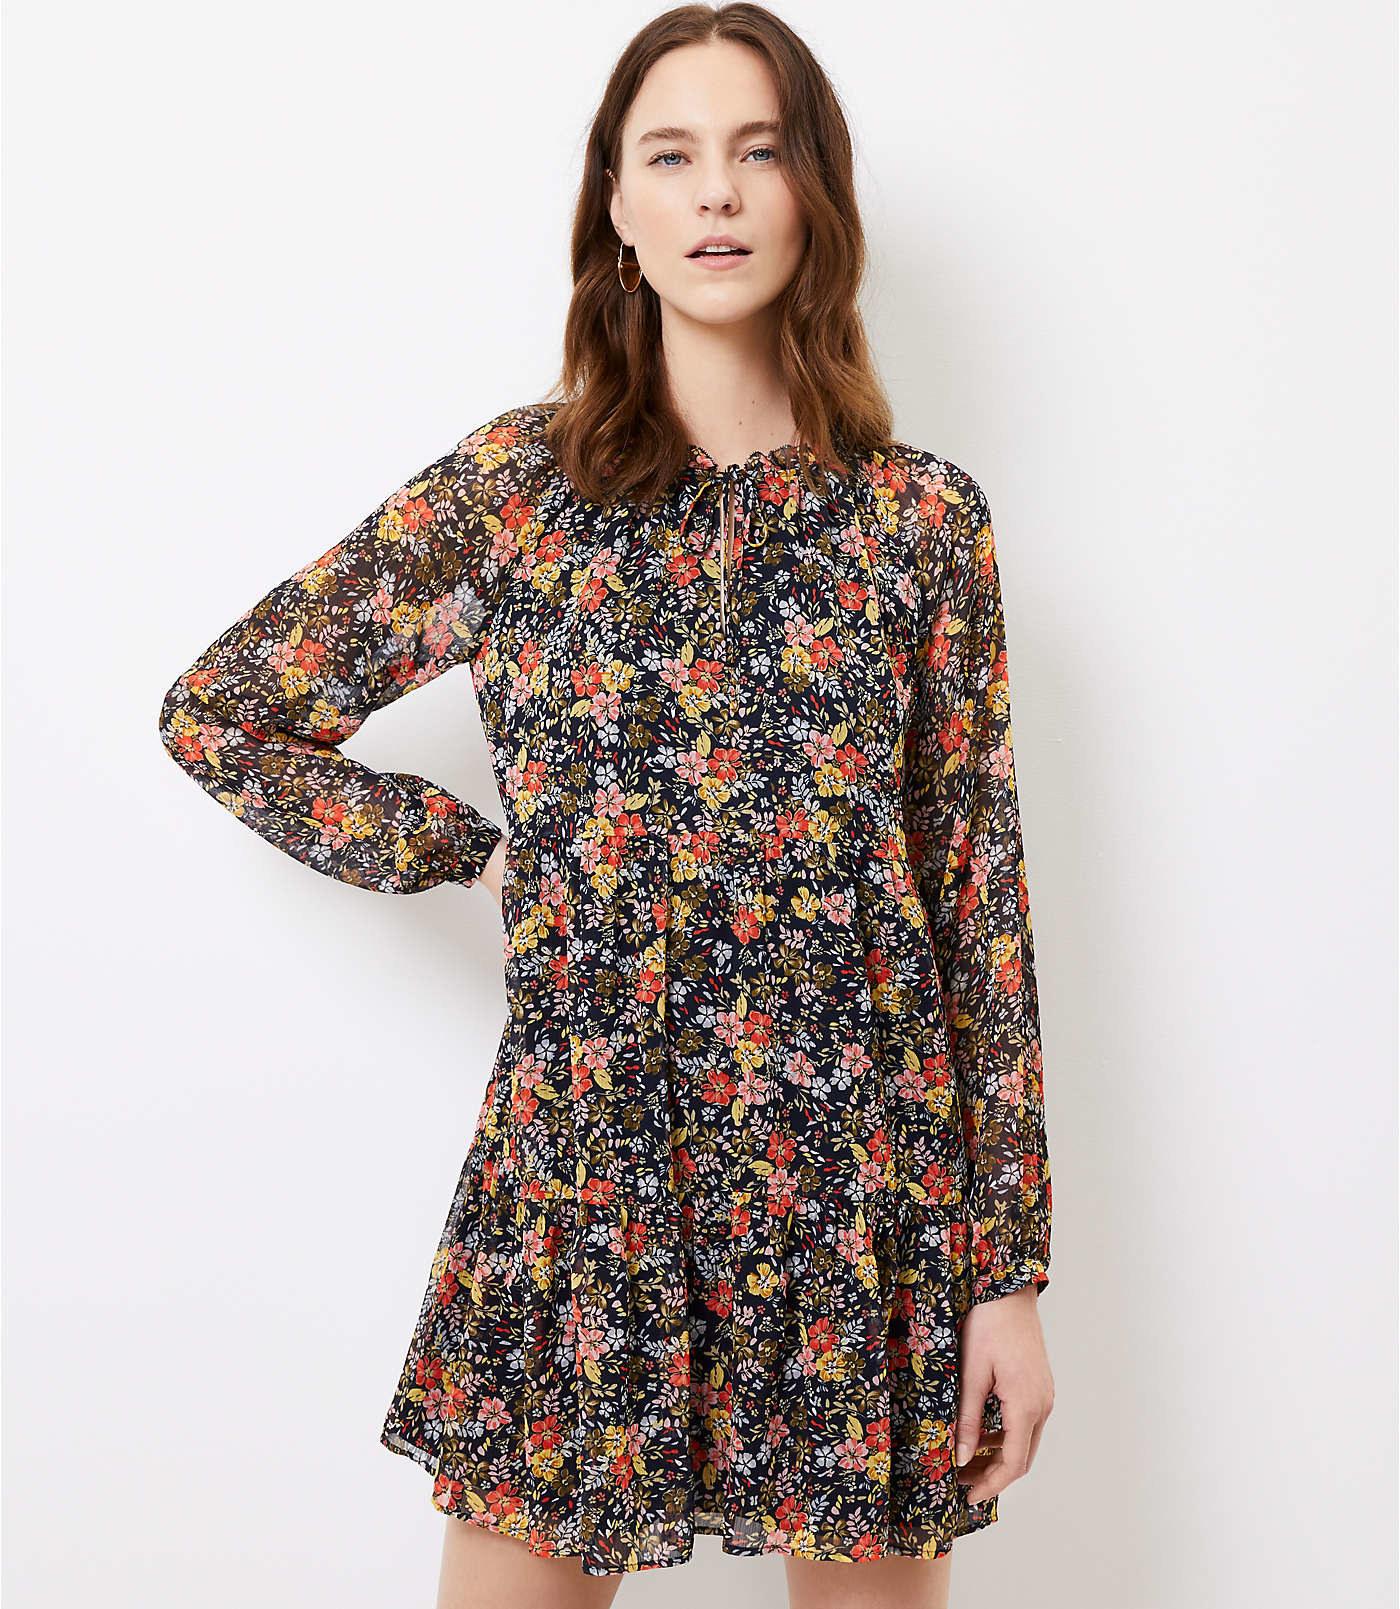 model wearing dress